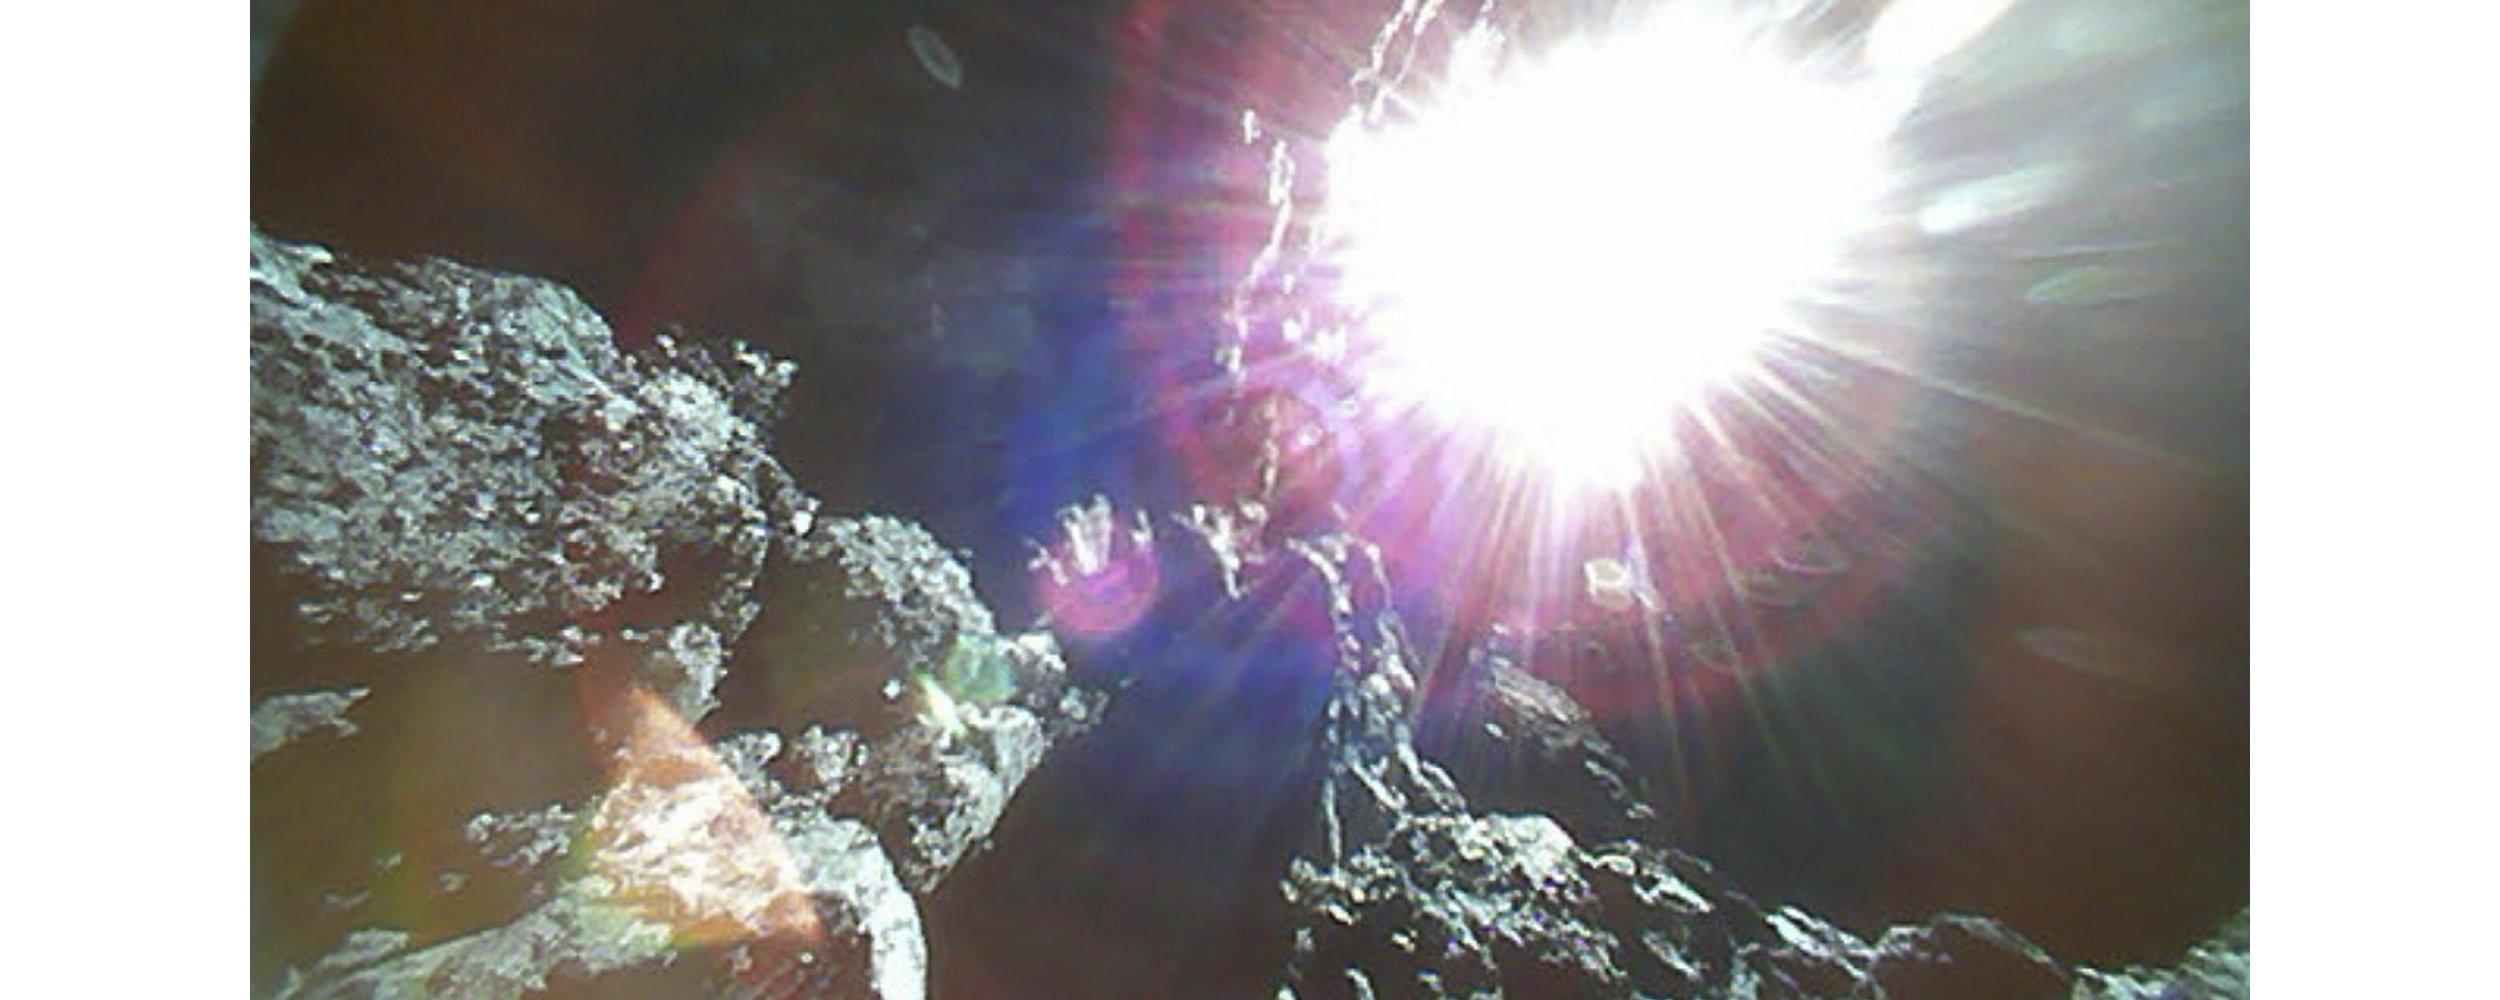 Sonda japonesa que pousou em asteroide fez novas fotos incríveis